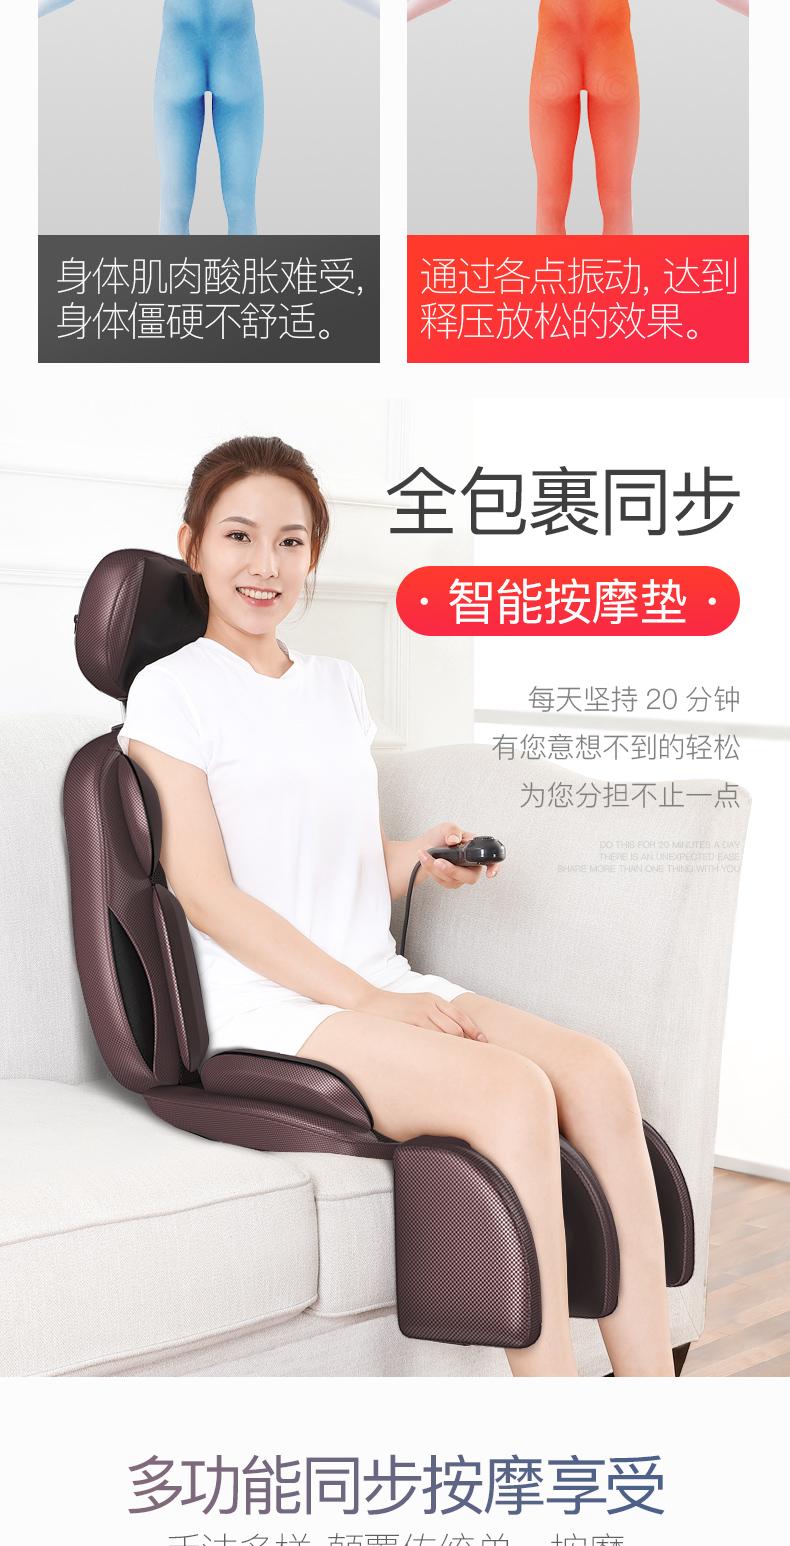 本博肩颈椎按摩器仪颈部腰部肩部背部多功能全身揉捏家用电动椅垫